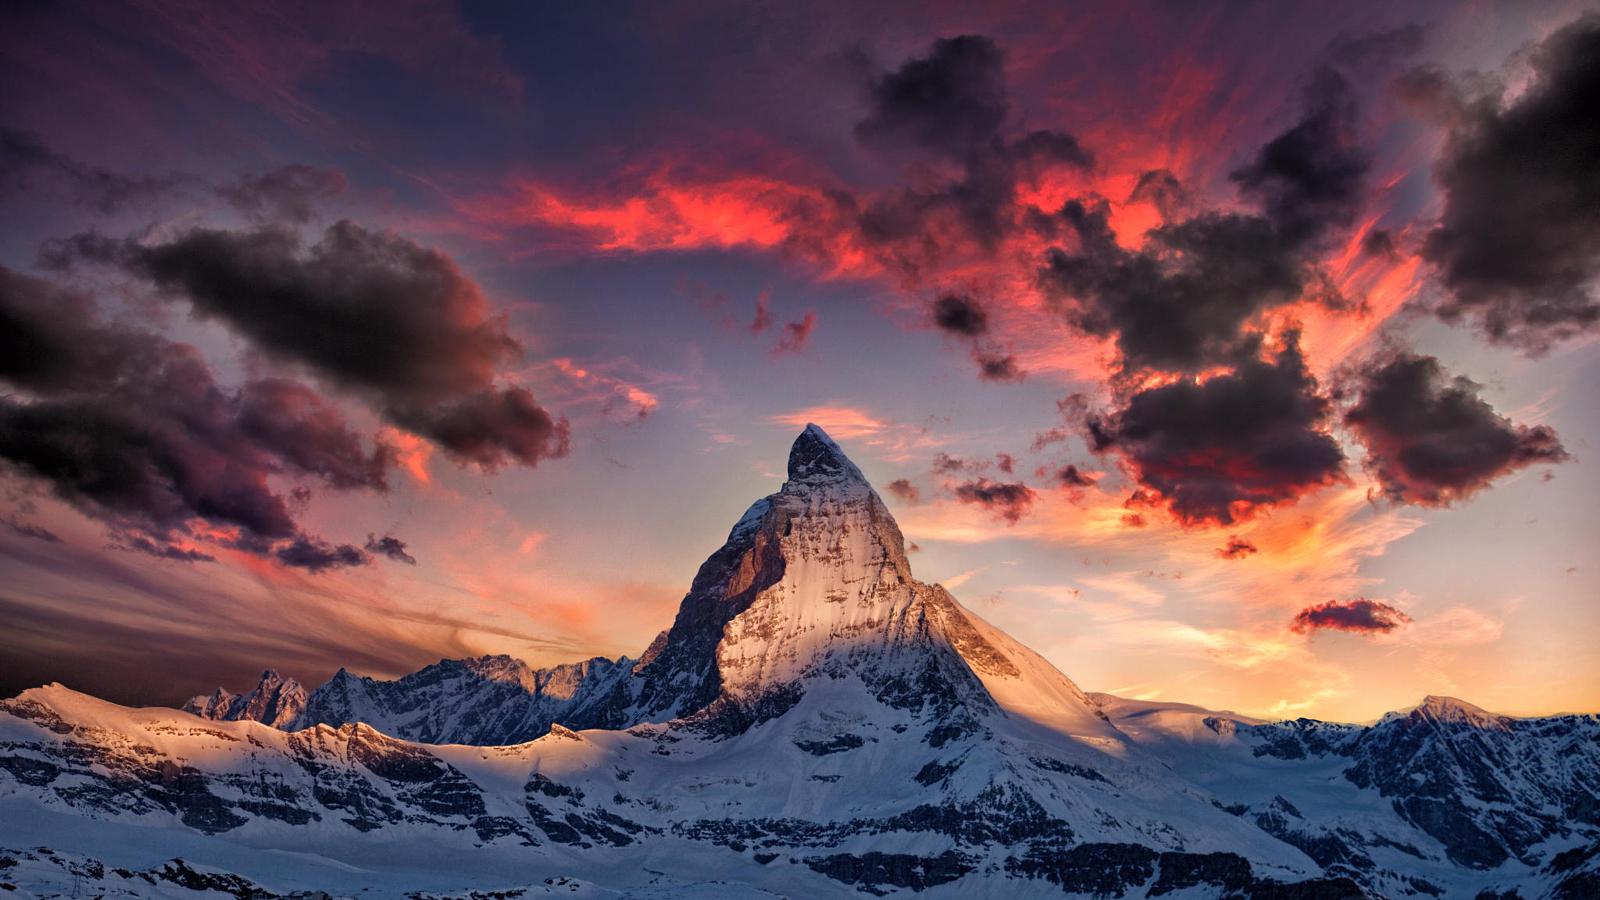 Самое интересное : Красивые девушки и селфи в автомобилях